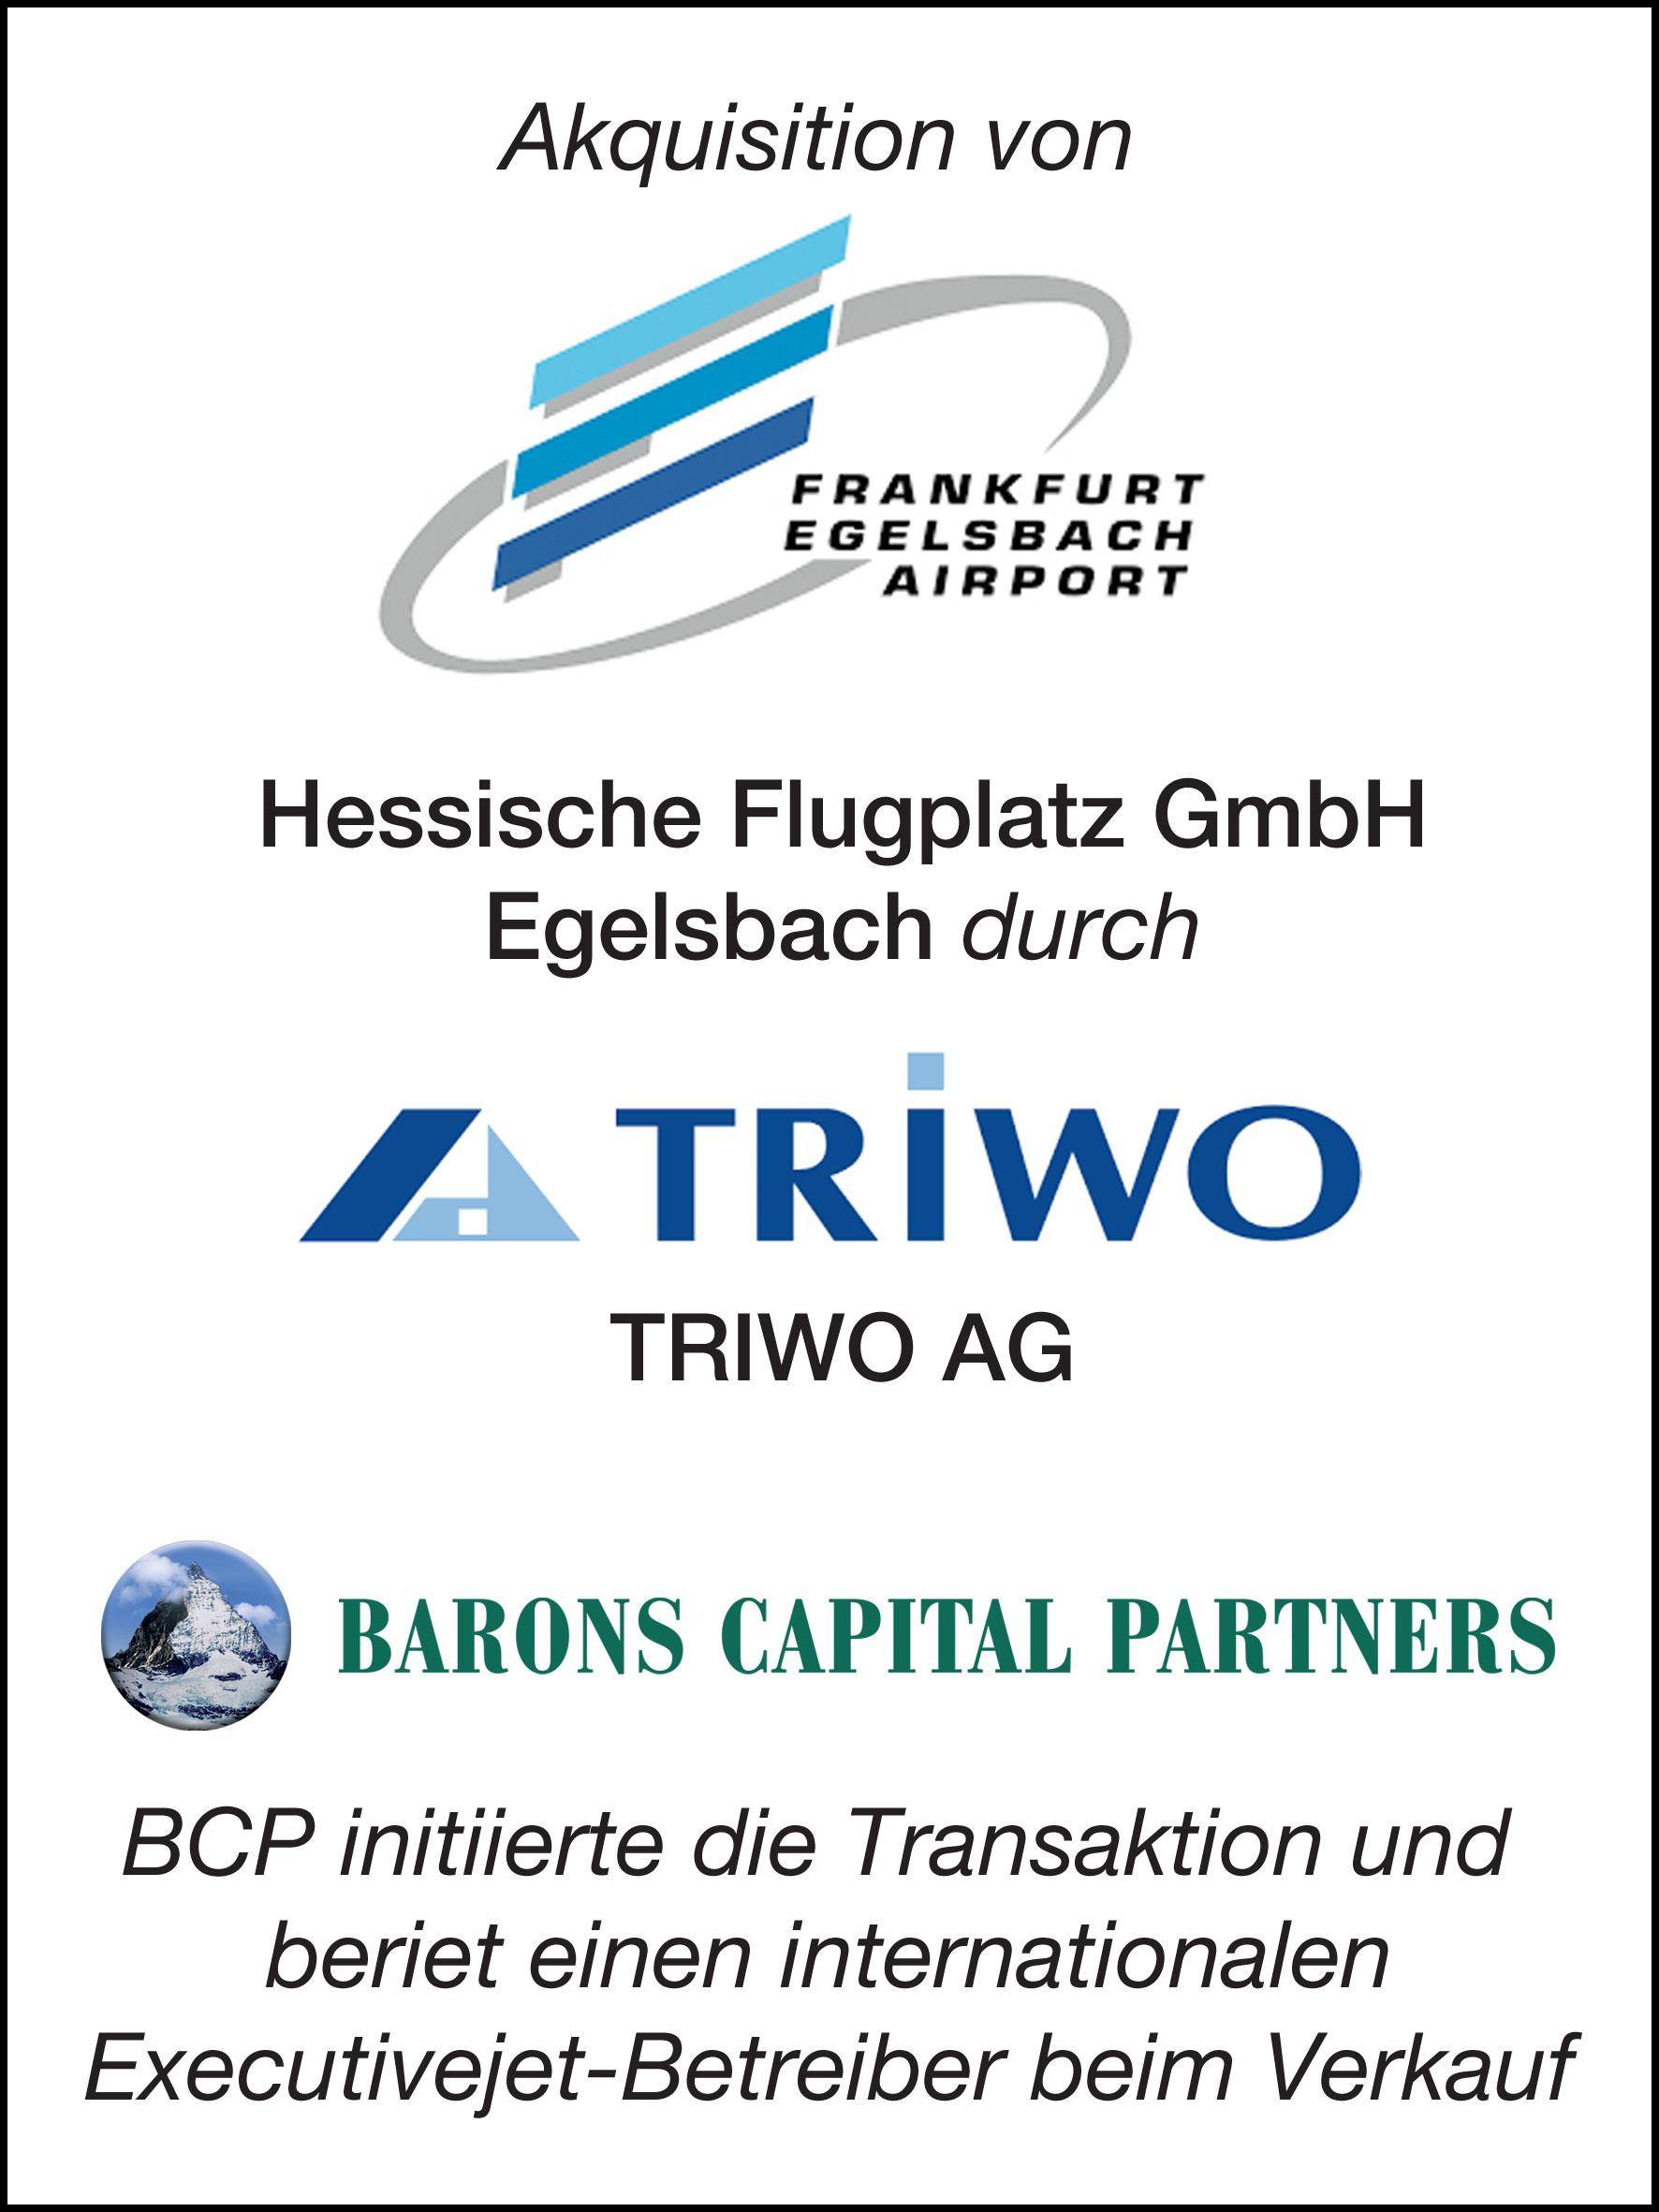 5-1_Hessische Flugplatz GmbH Egelsbach_G